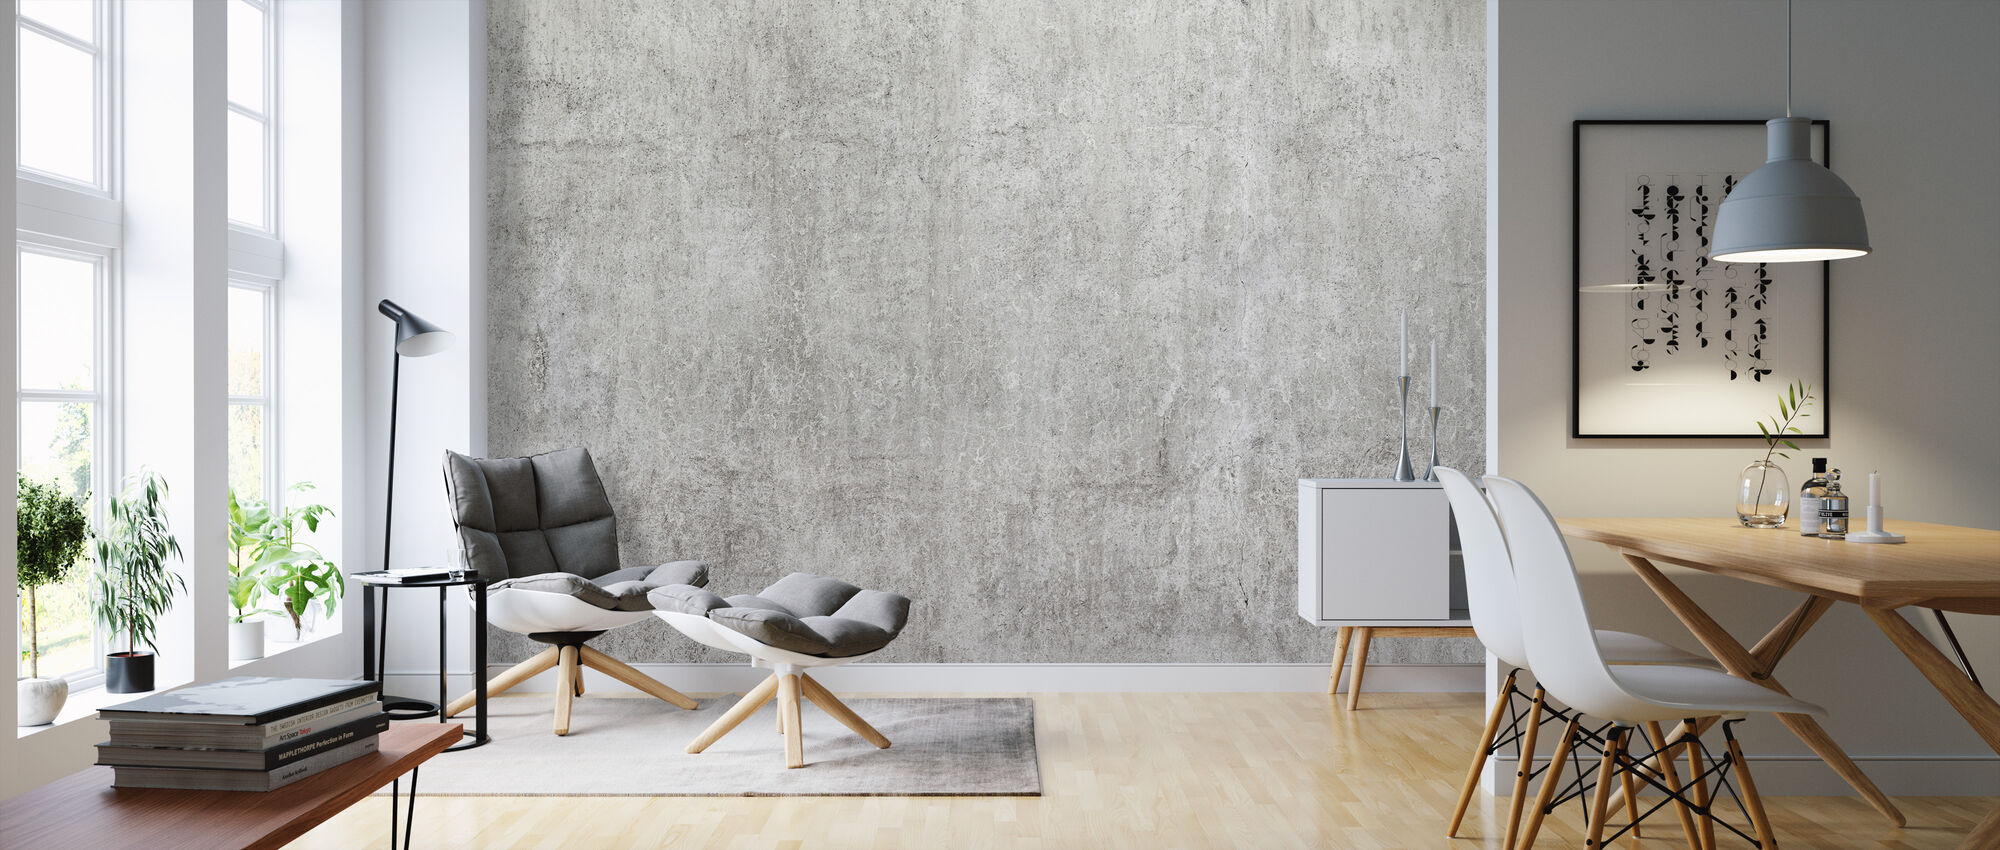 Industrielle Betonwand - Tapete - Wohnzimmer